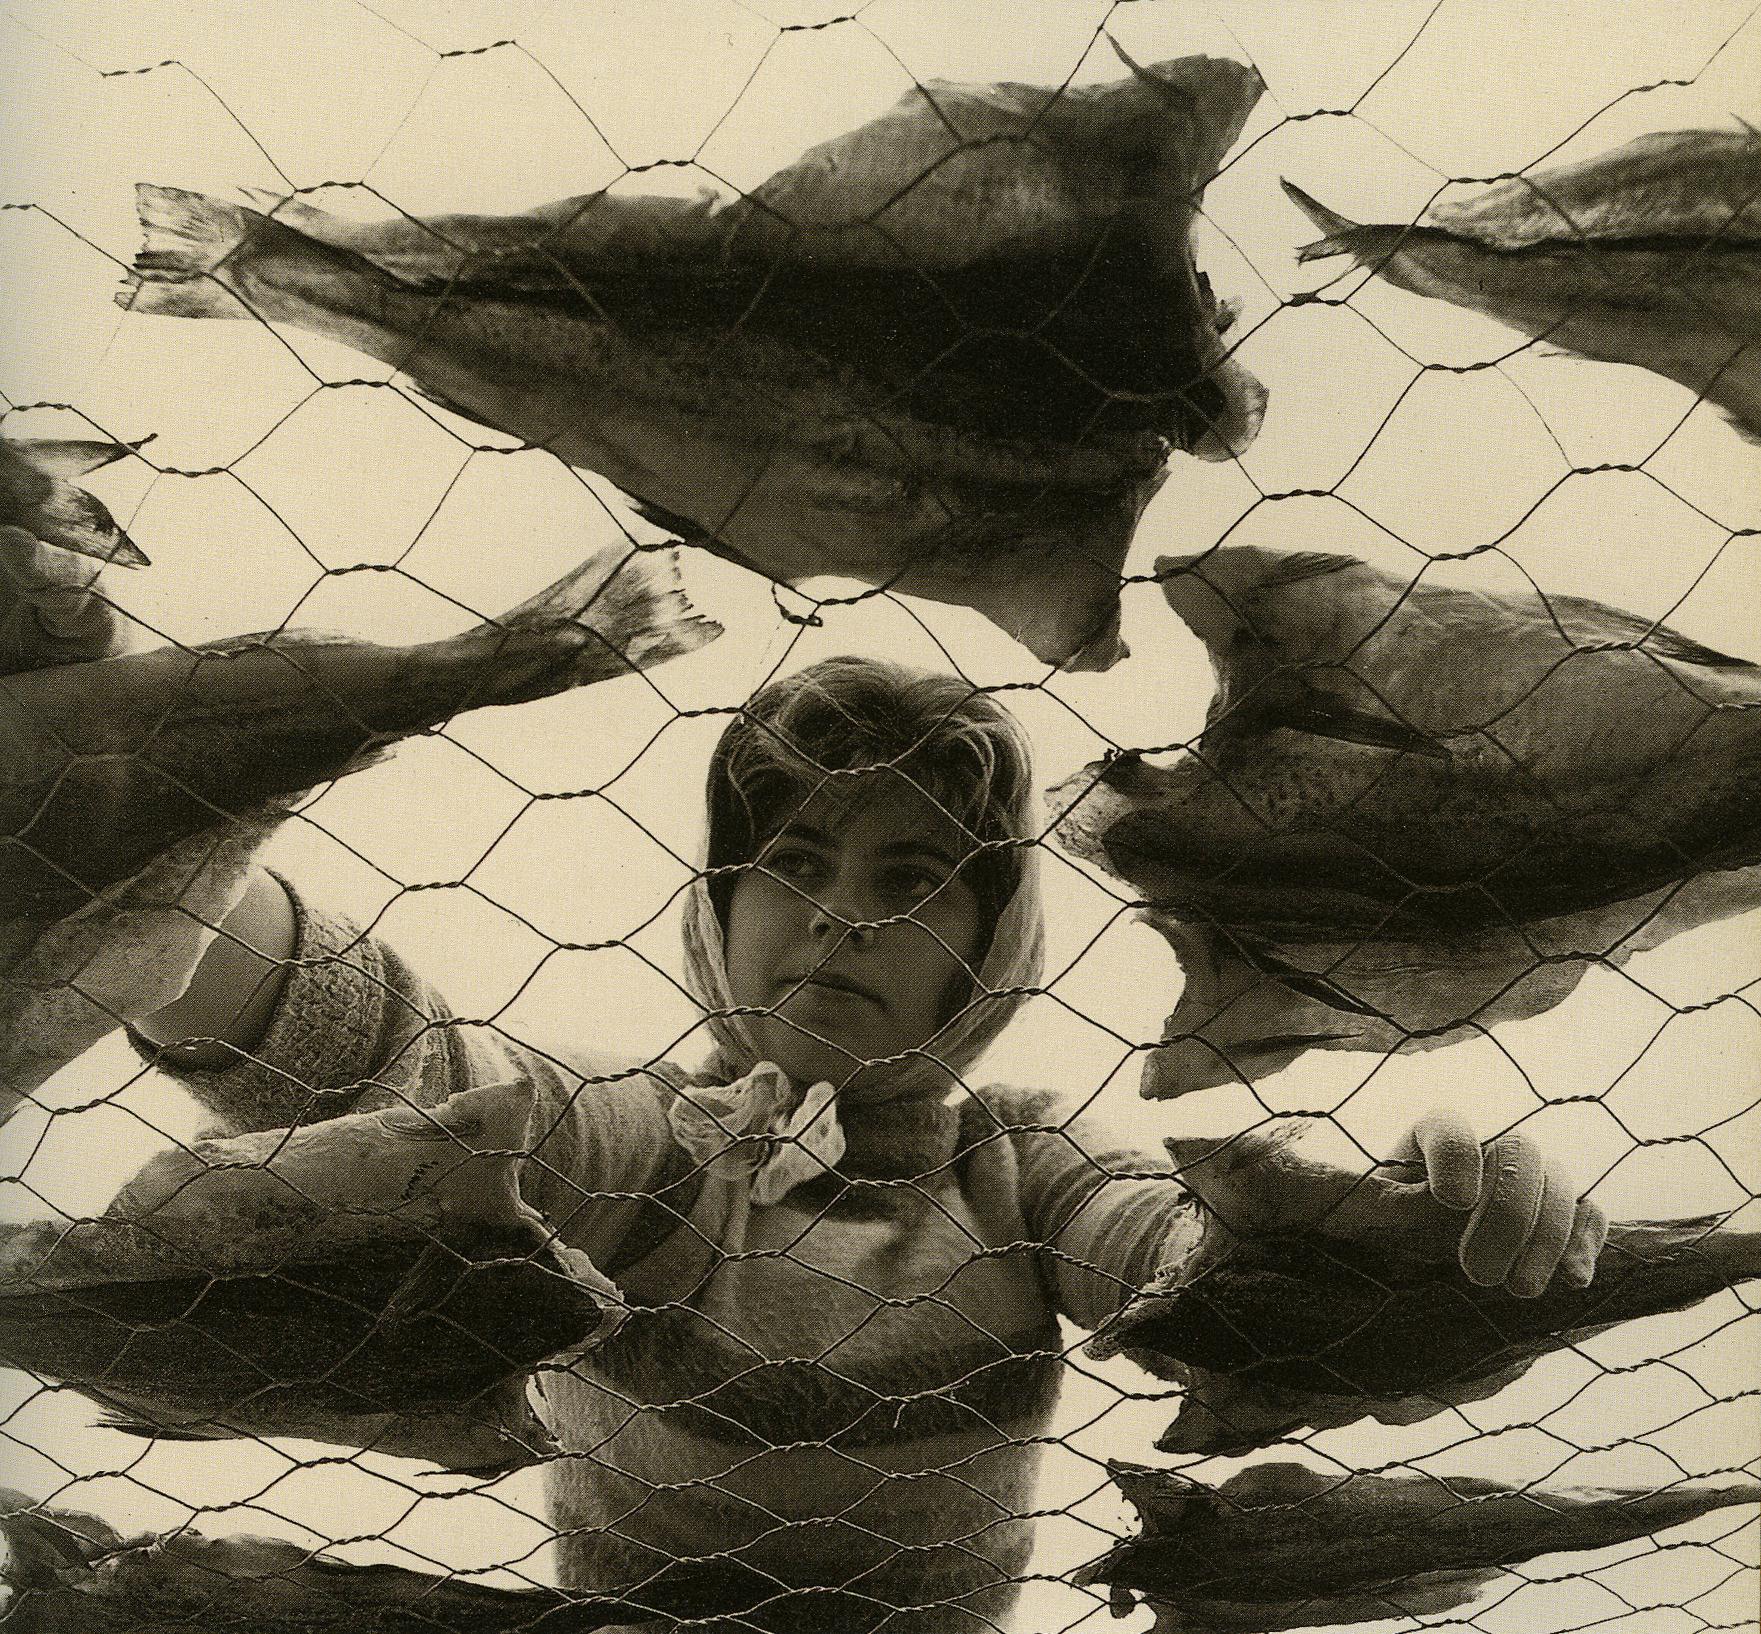 1962_Nfld fishery worker drynig cod